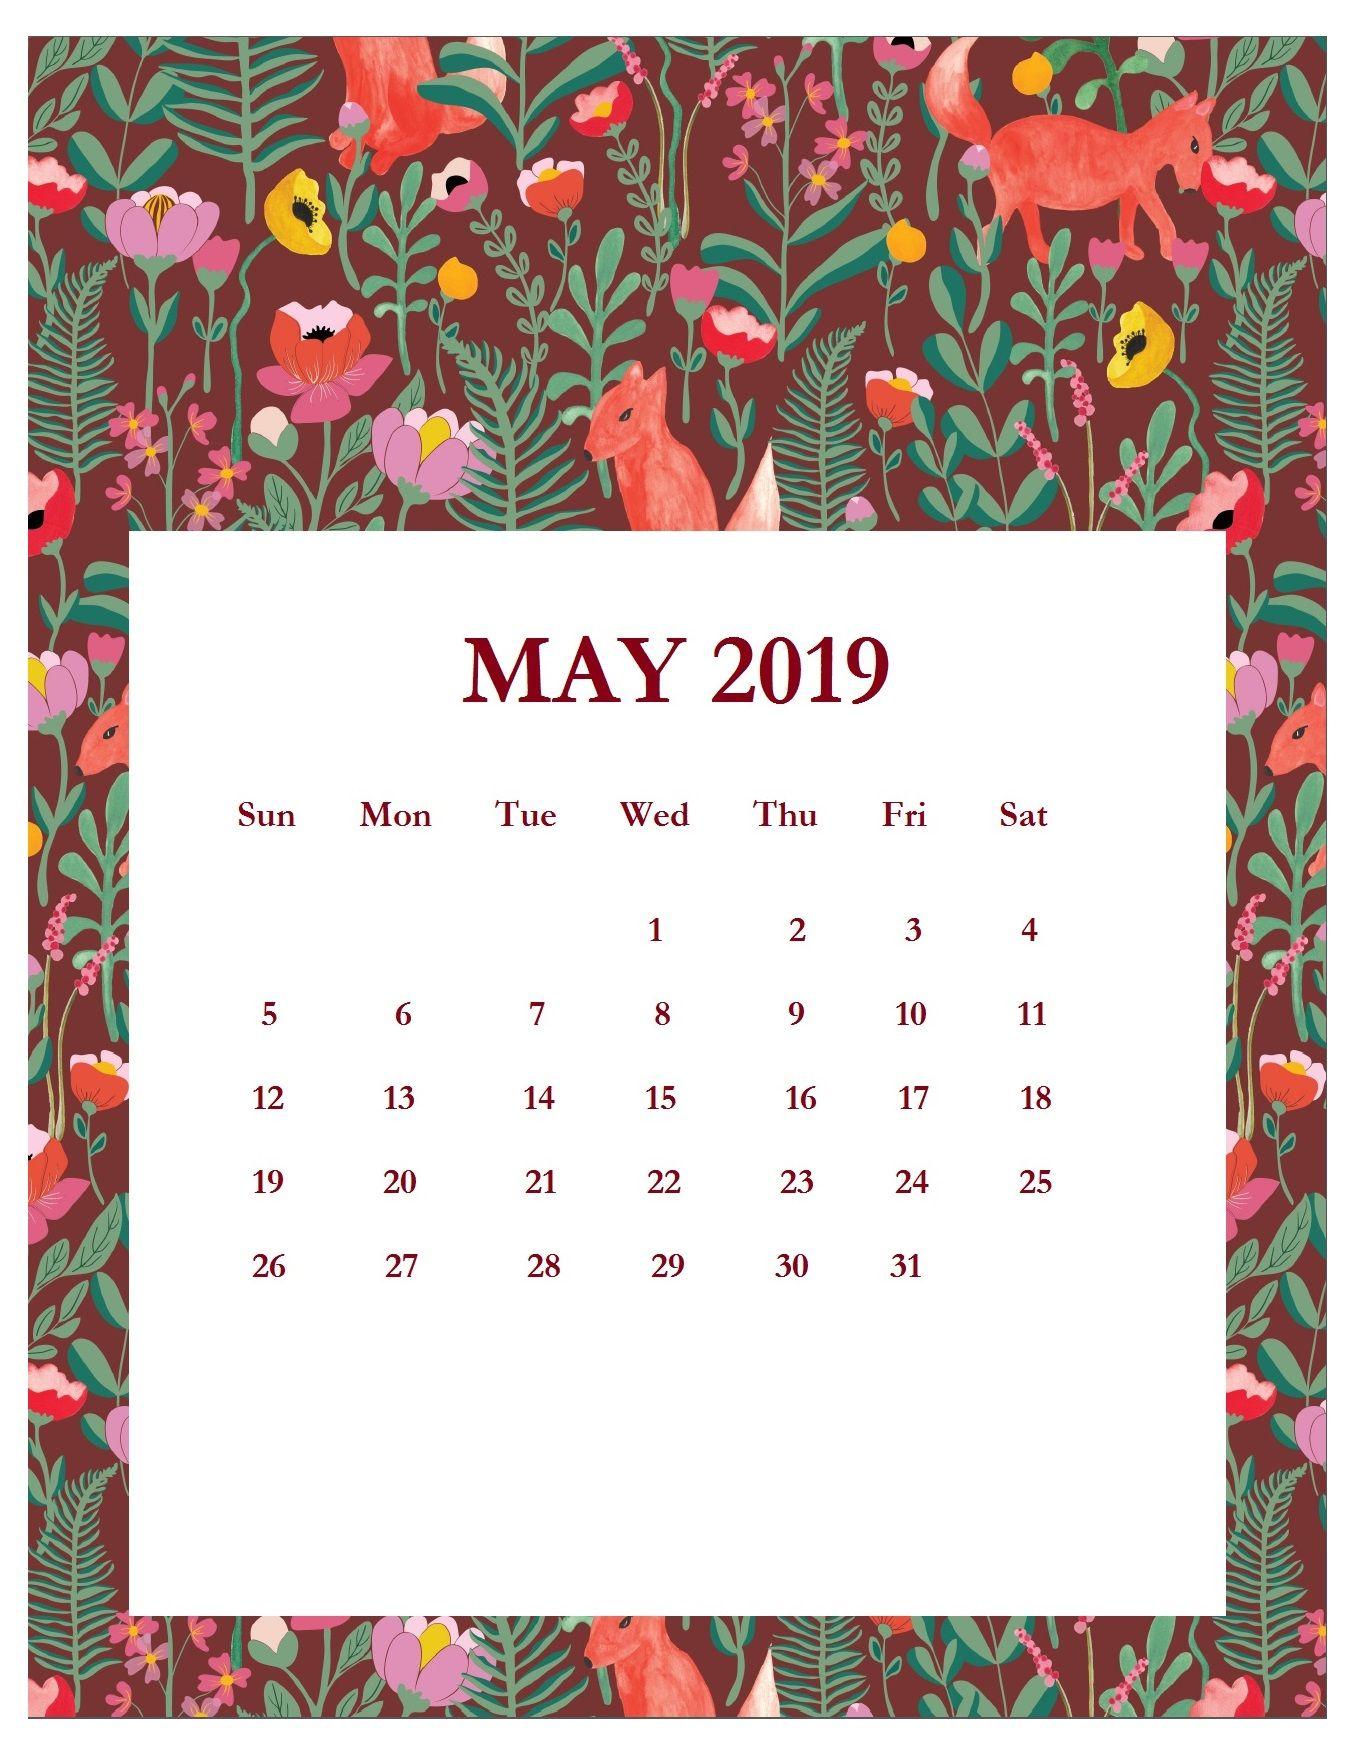 Pretty Calendars For February-May 2019 Print Beautiful May 2019 Calendar Template   250+ 2019 Calendars